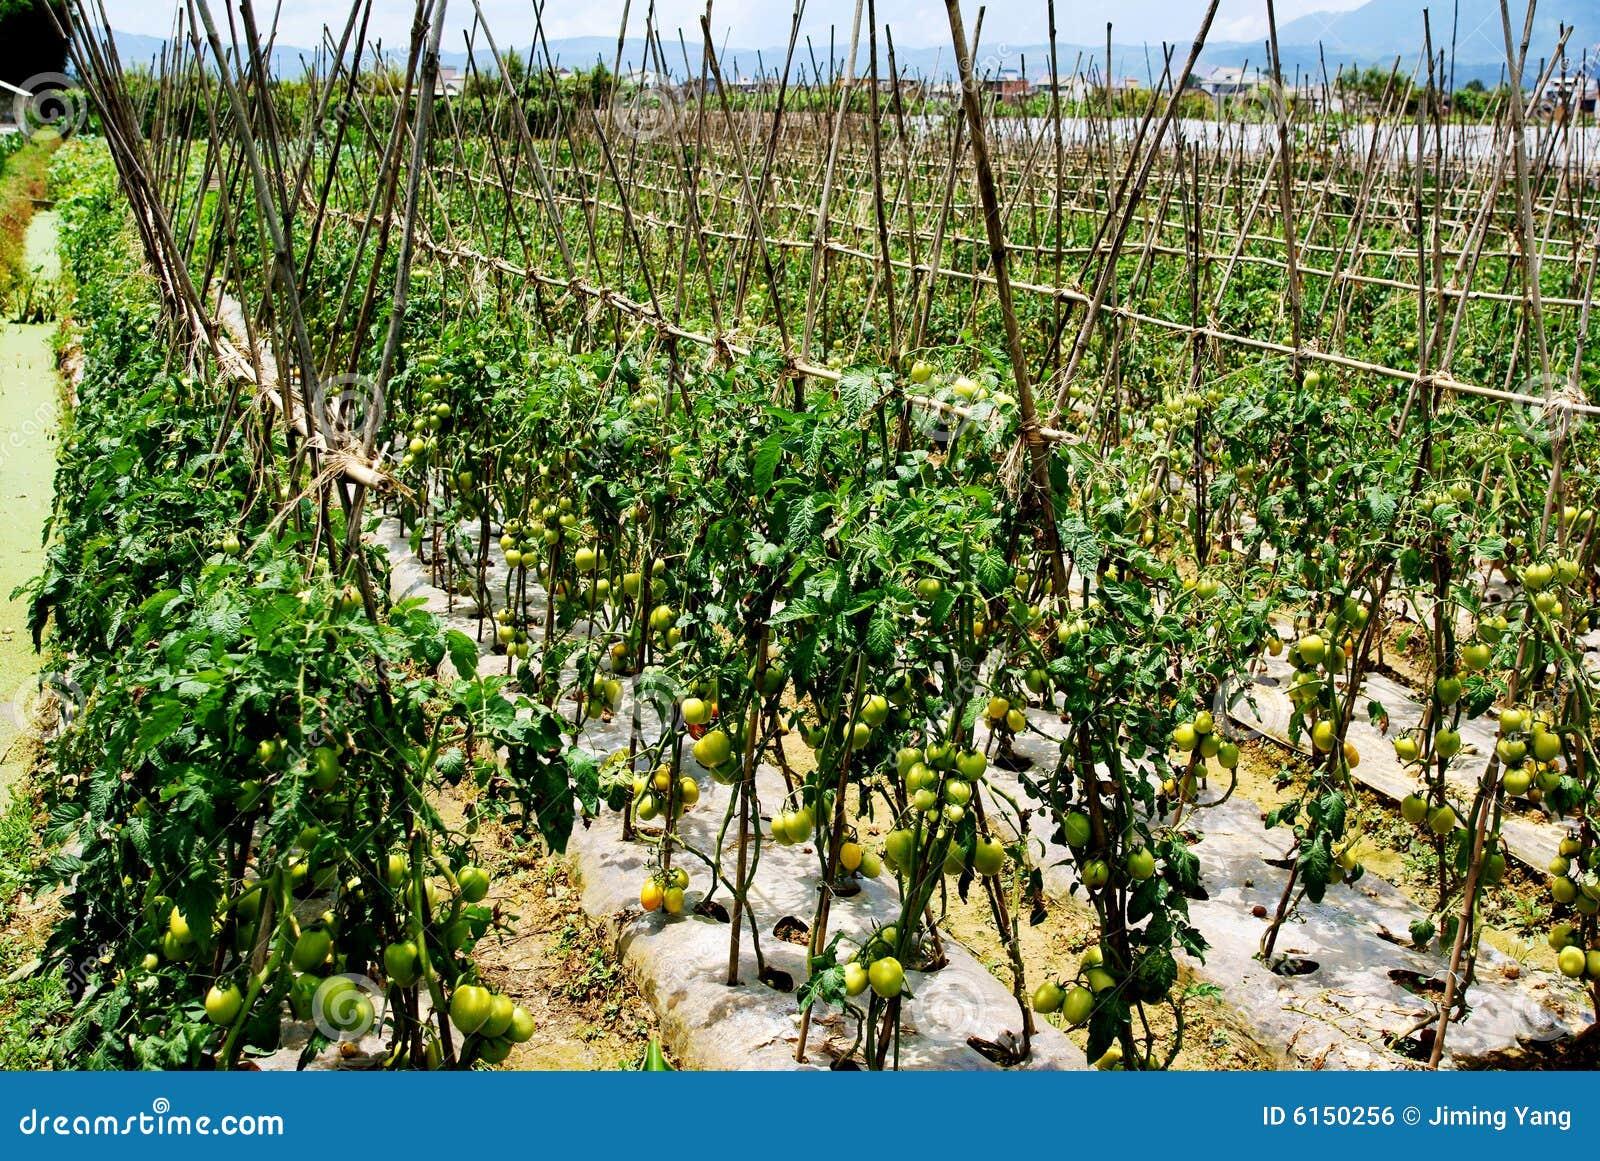 Plantation des tomates image libre de droits image 6150256 - Plantation de tomates ...